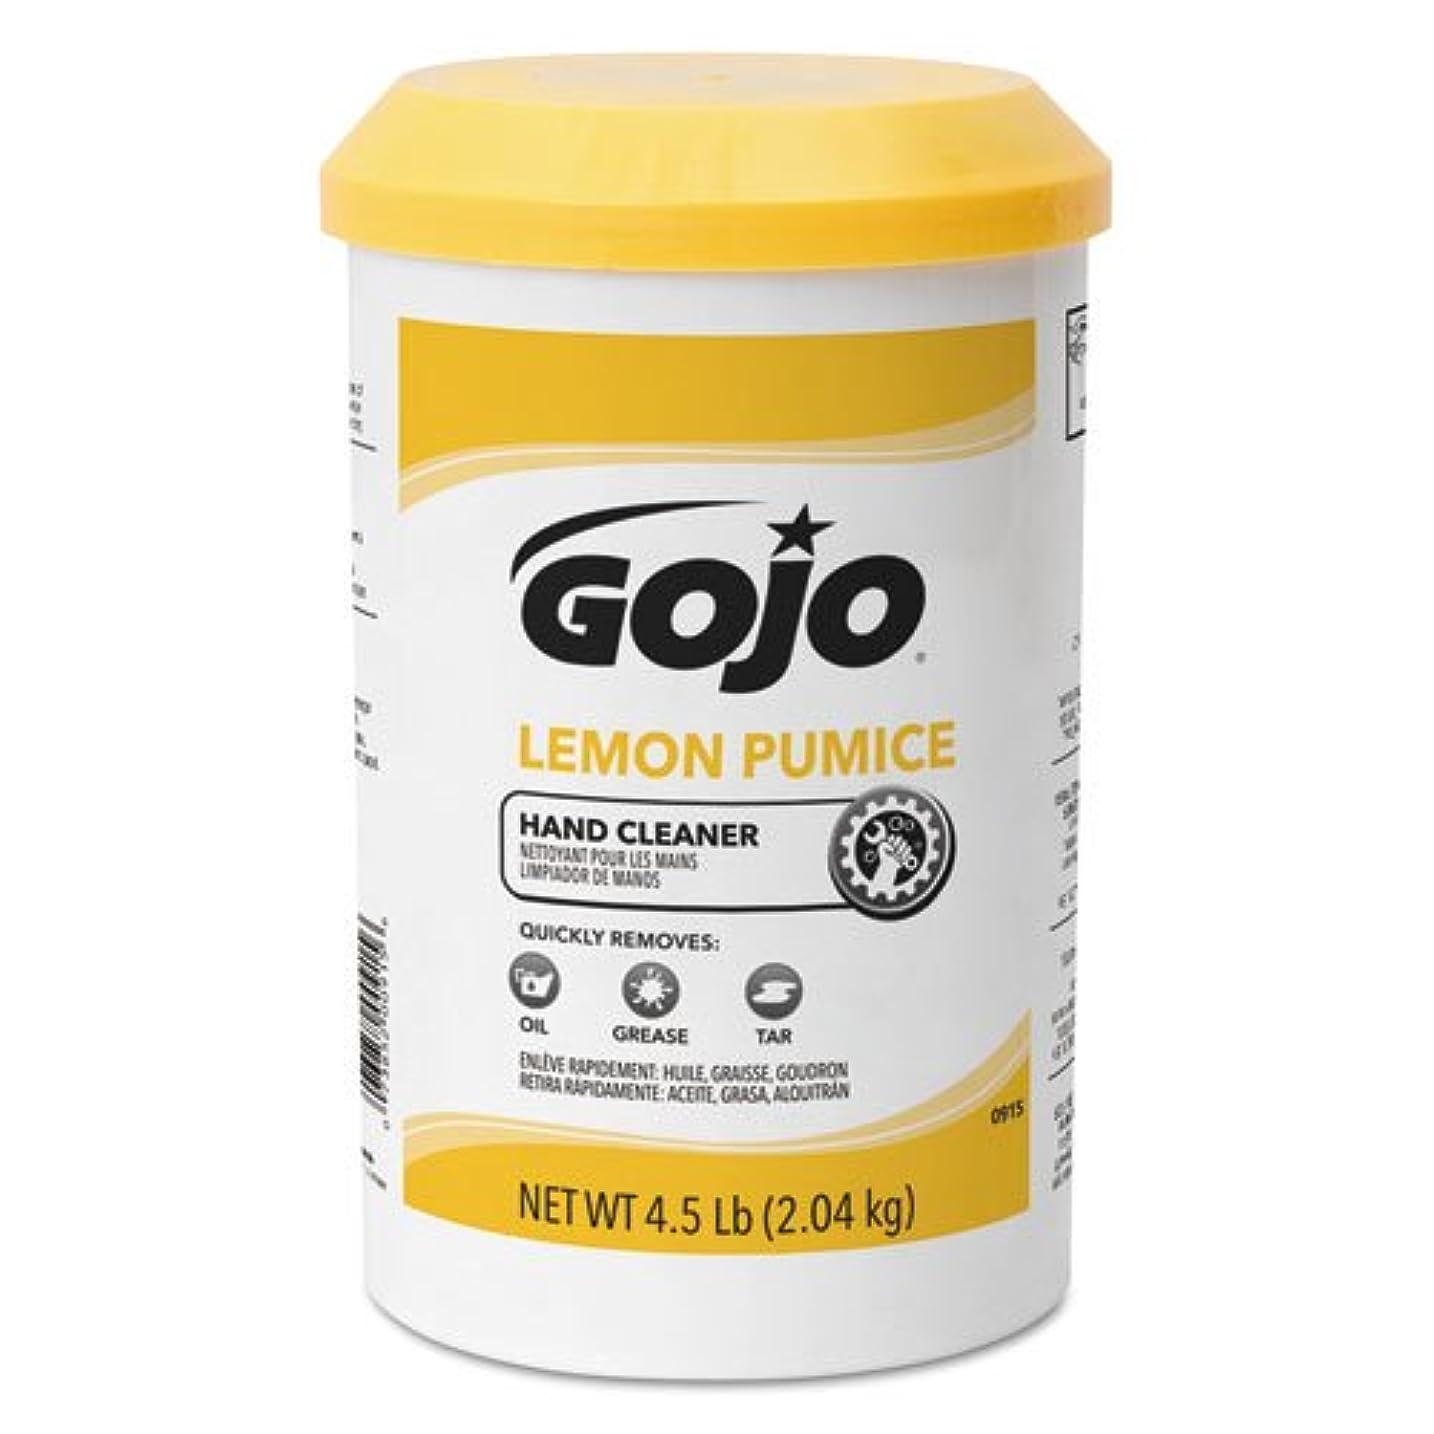 原告エッセイ朝Gojo レモンプーミス ハンドクリーナー レモンの香り 4.5ポンド GOJ0915